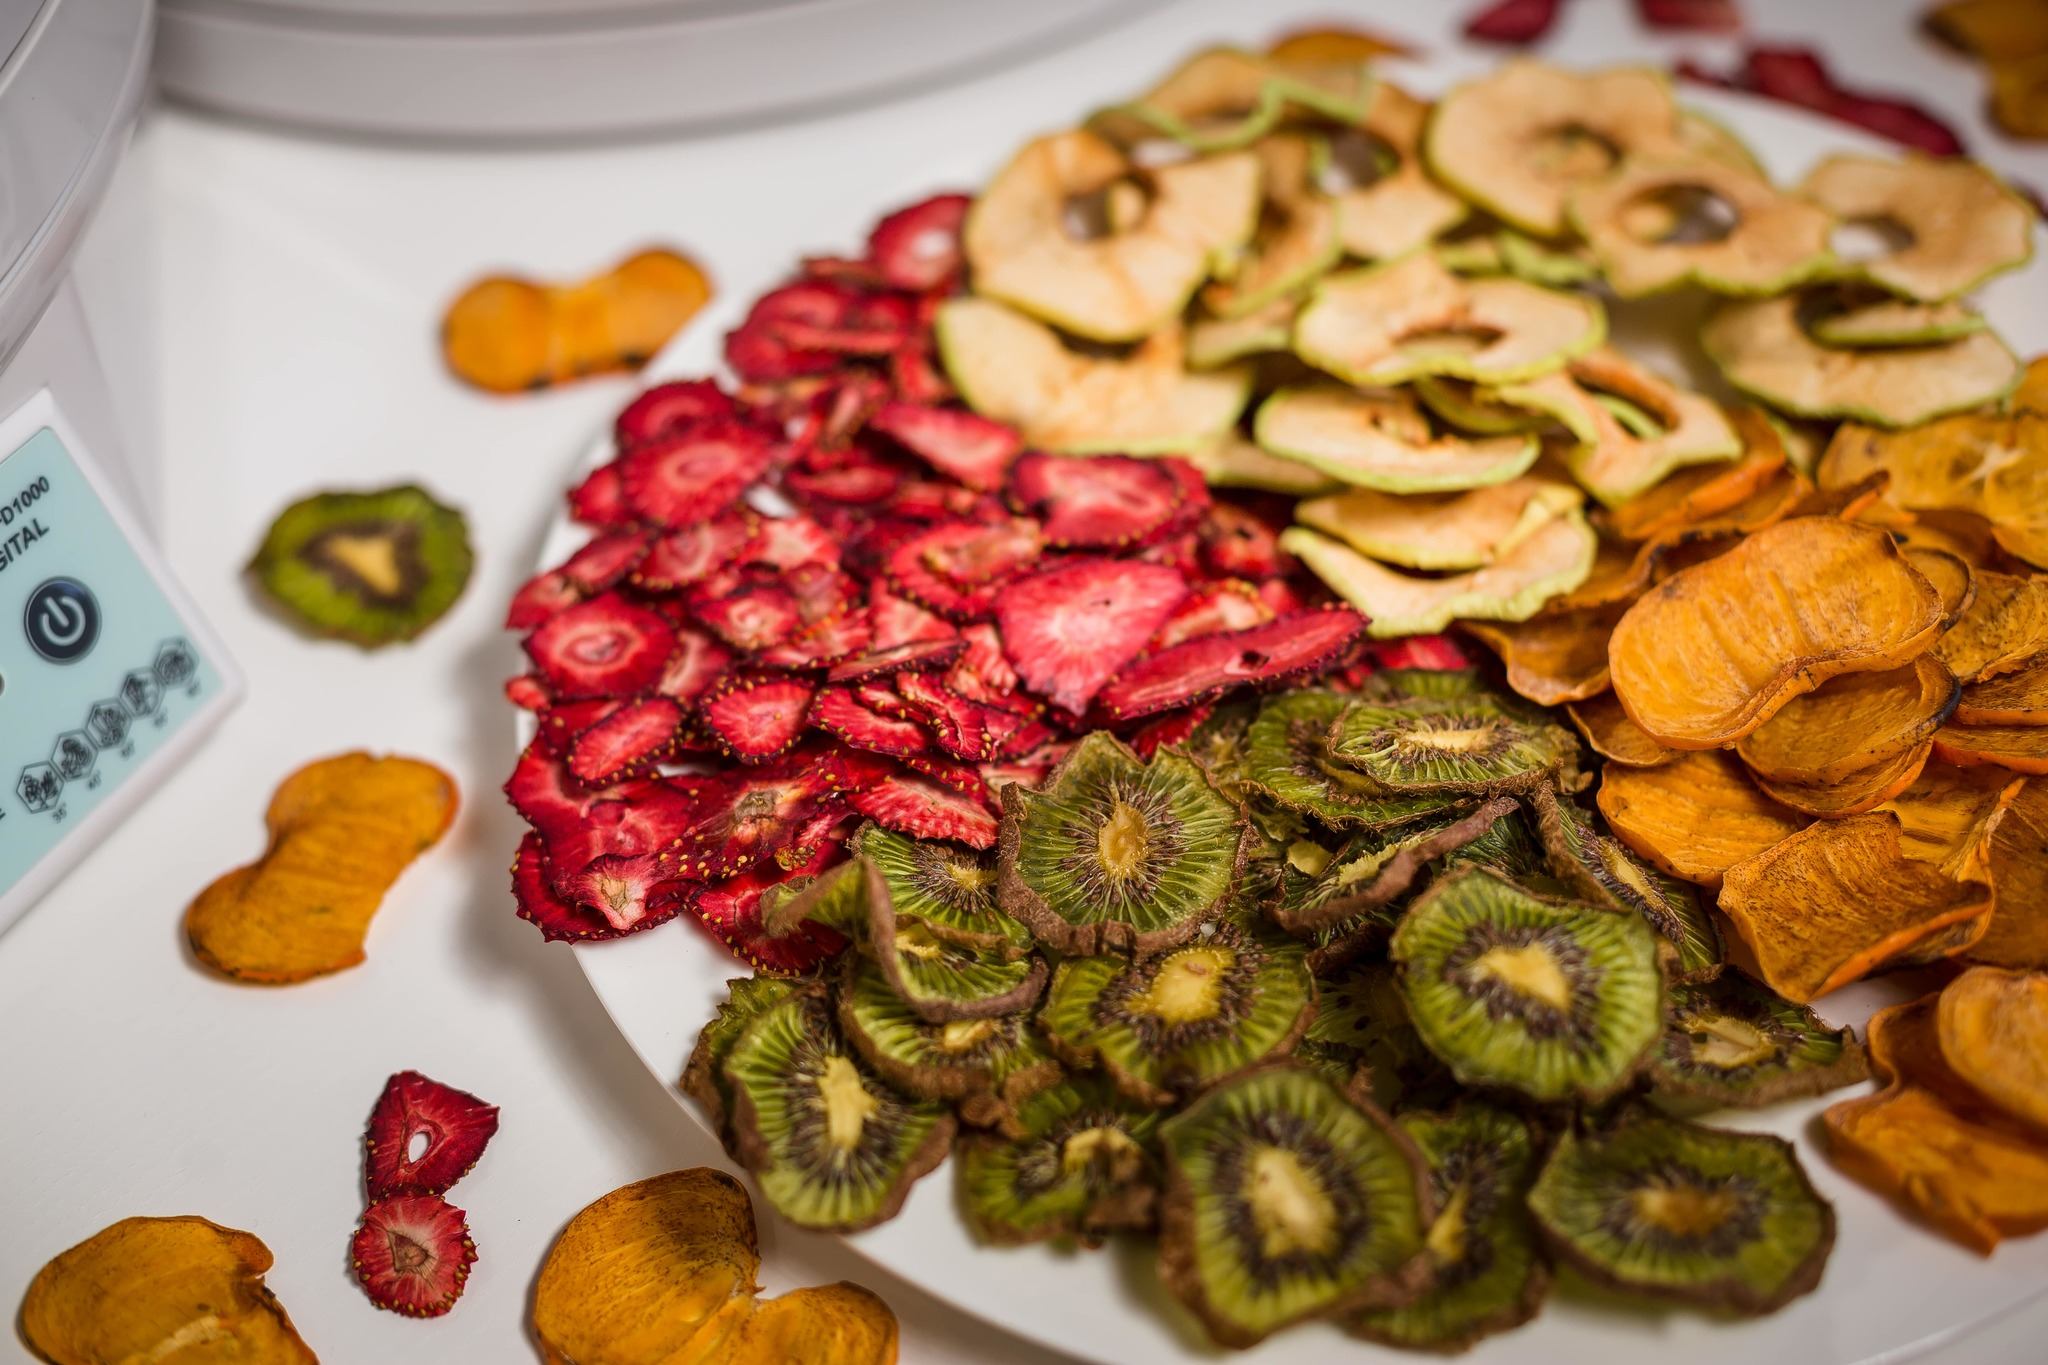 Дегидратор Ezidri Ultra FD1000 Digital. Высушенные ягоды и фрукты